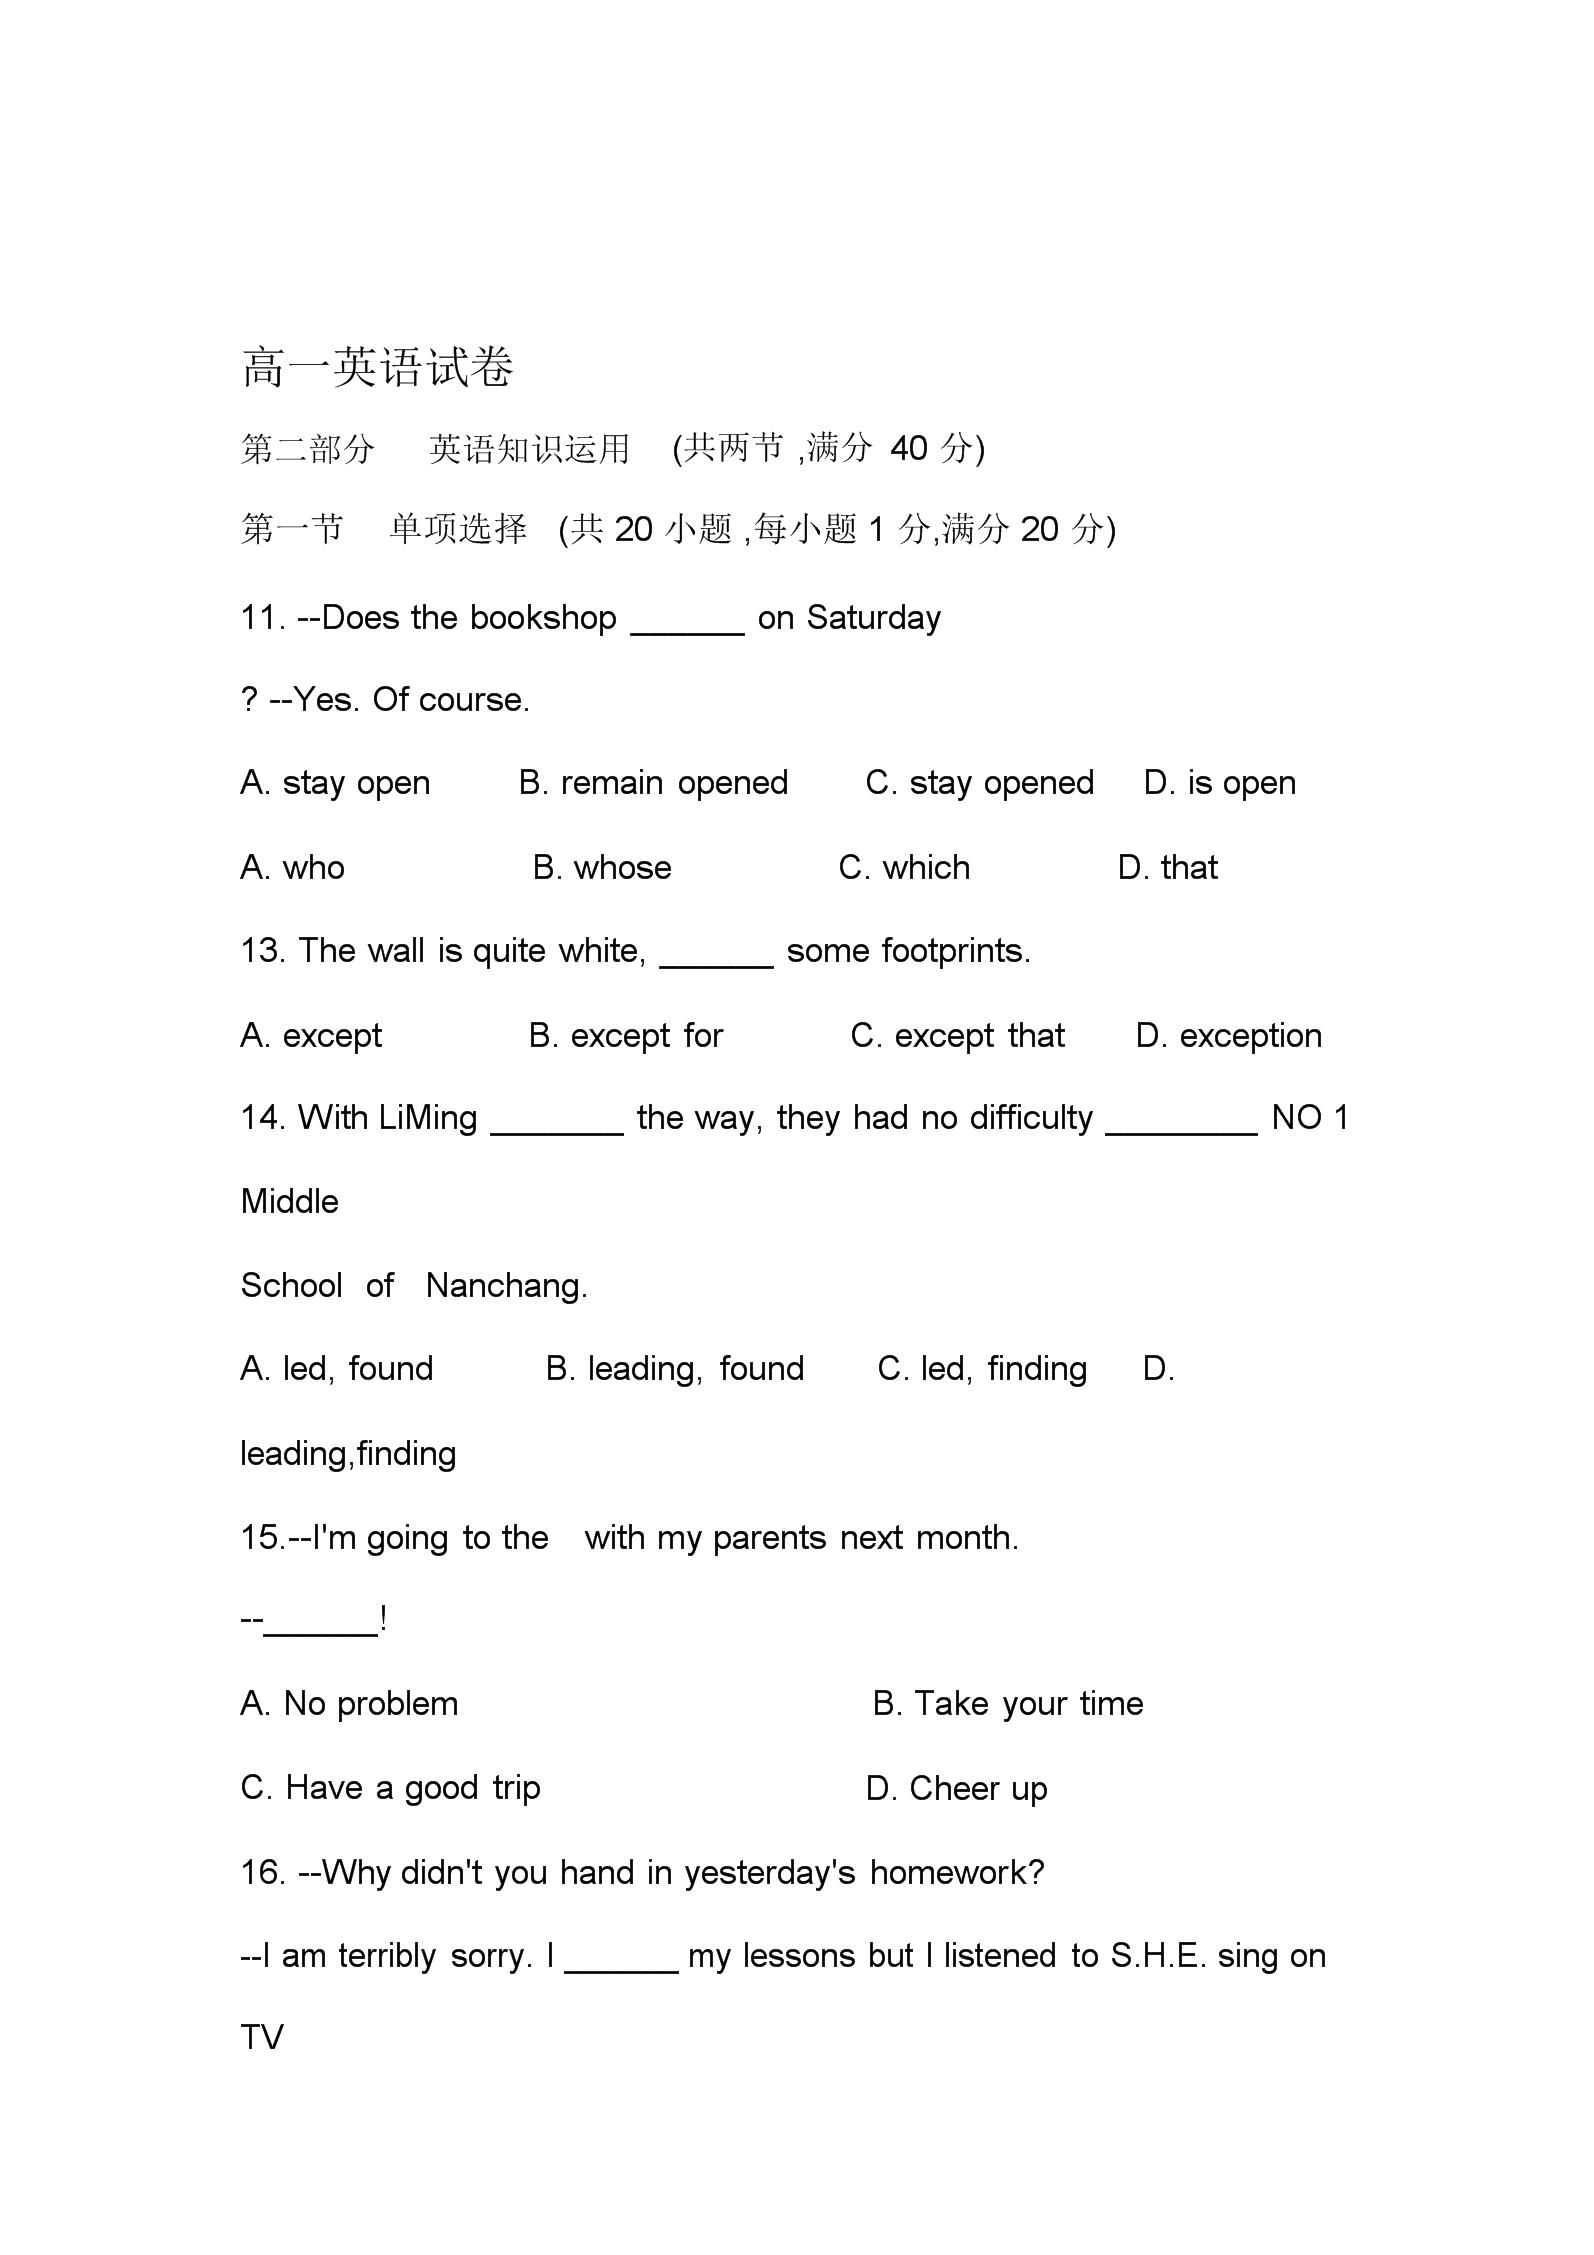 高一英语必修1第一二单元测试卷.docx